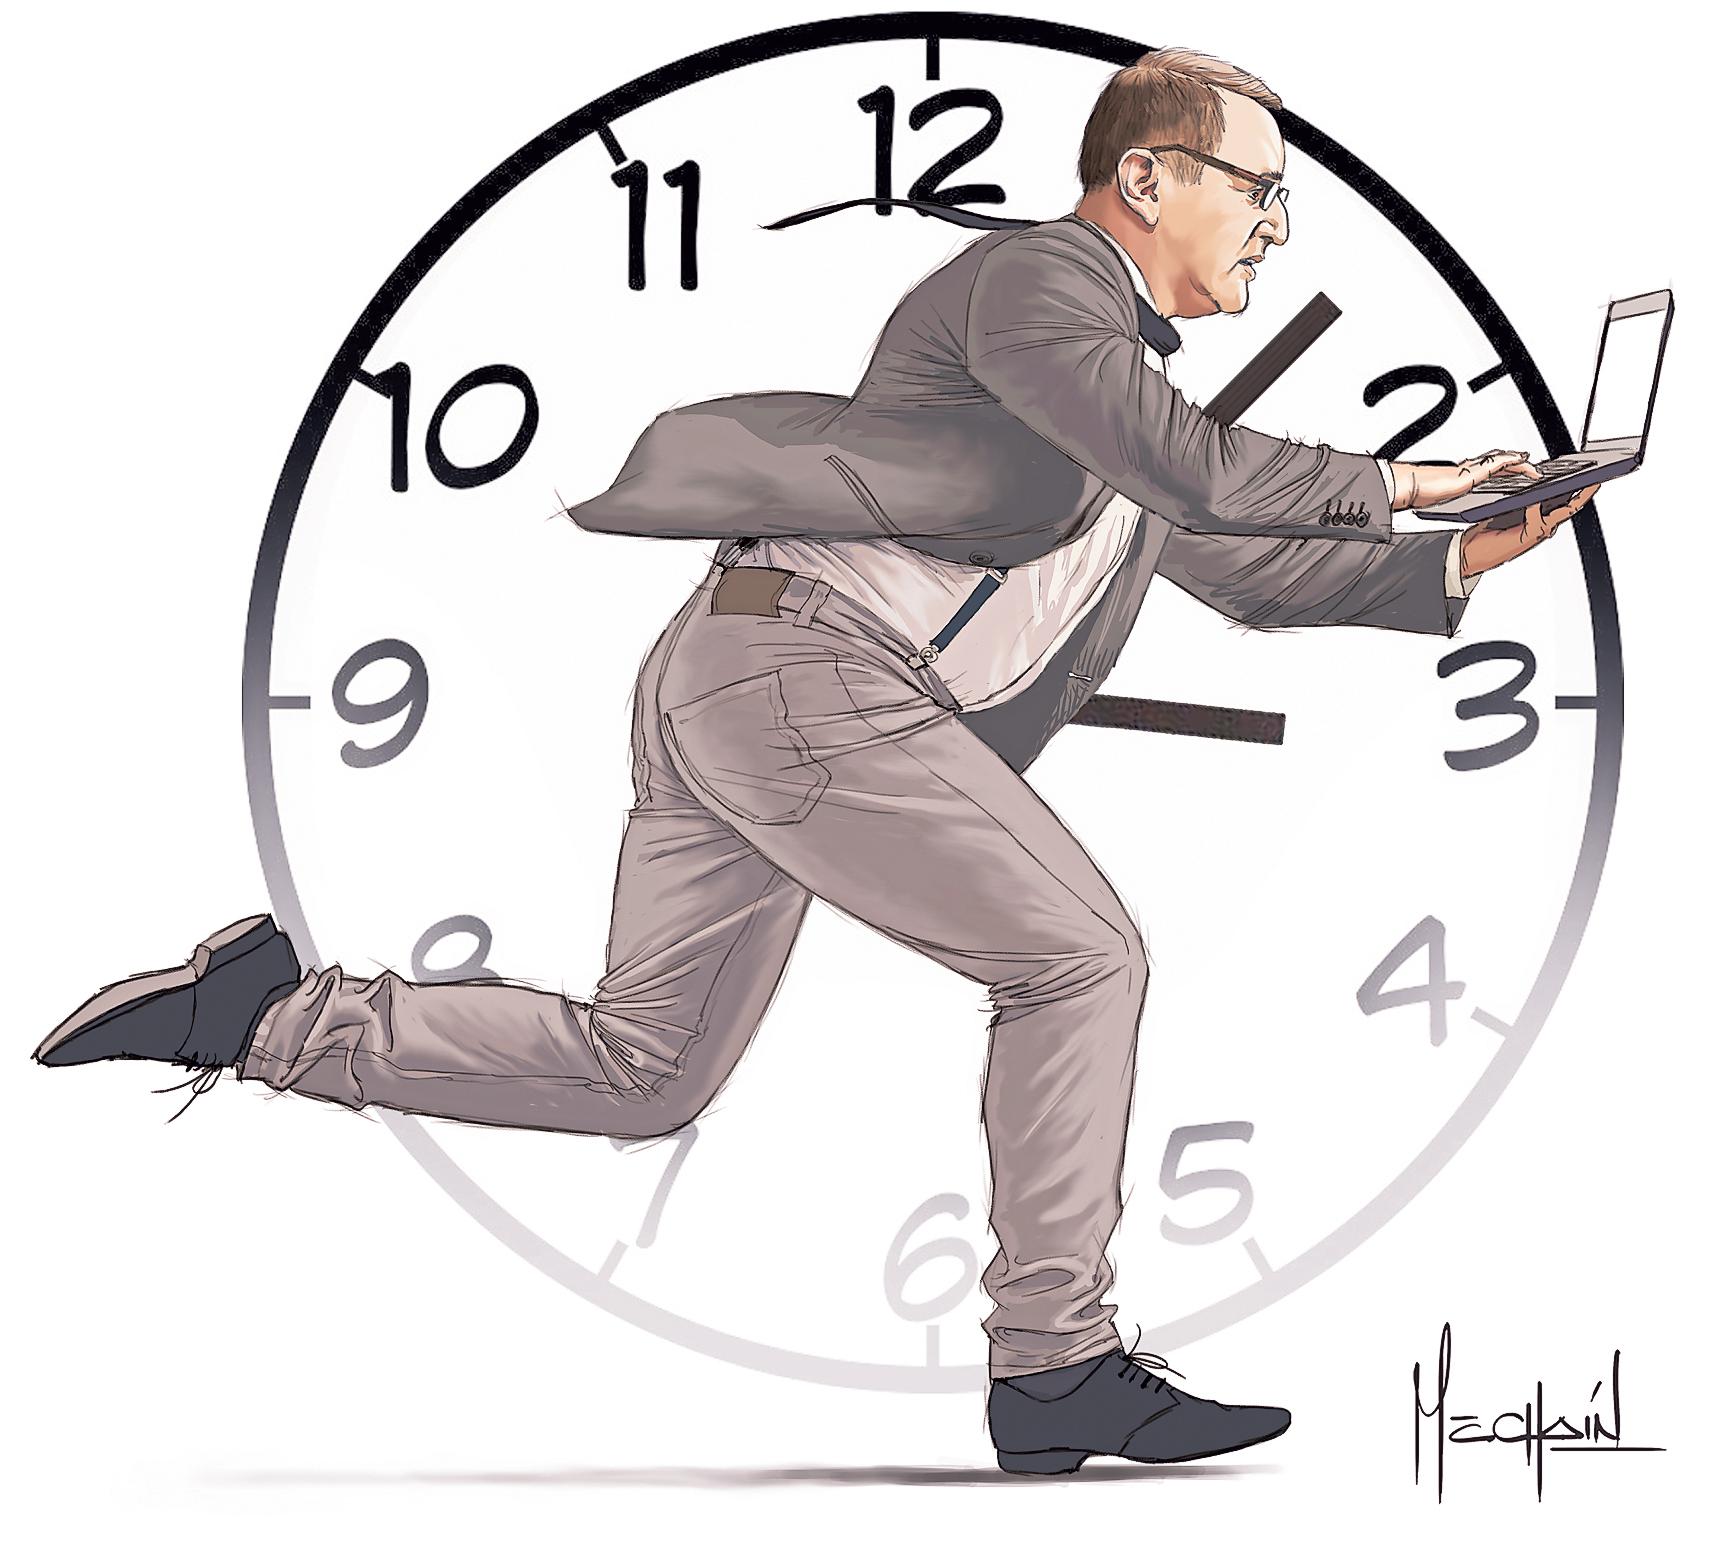 Ilustración de Beto Ortiz, hecha por Mechaín